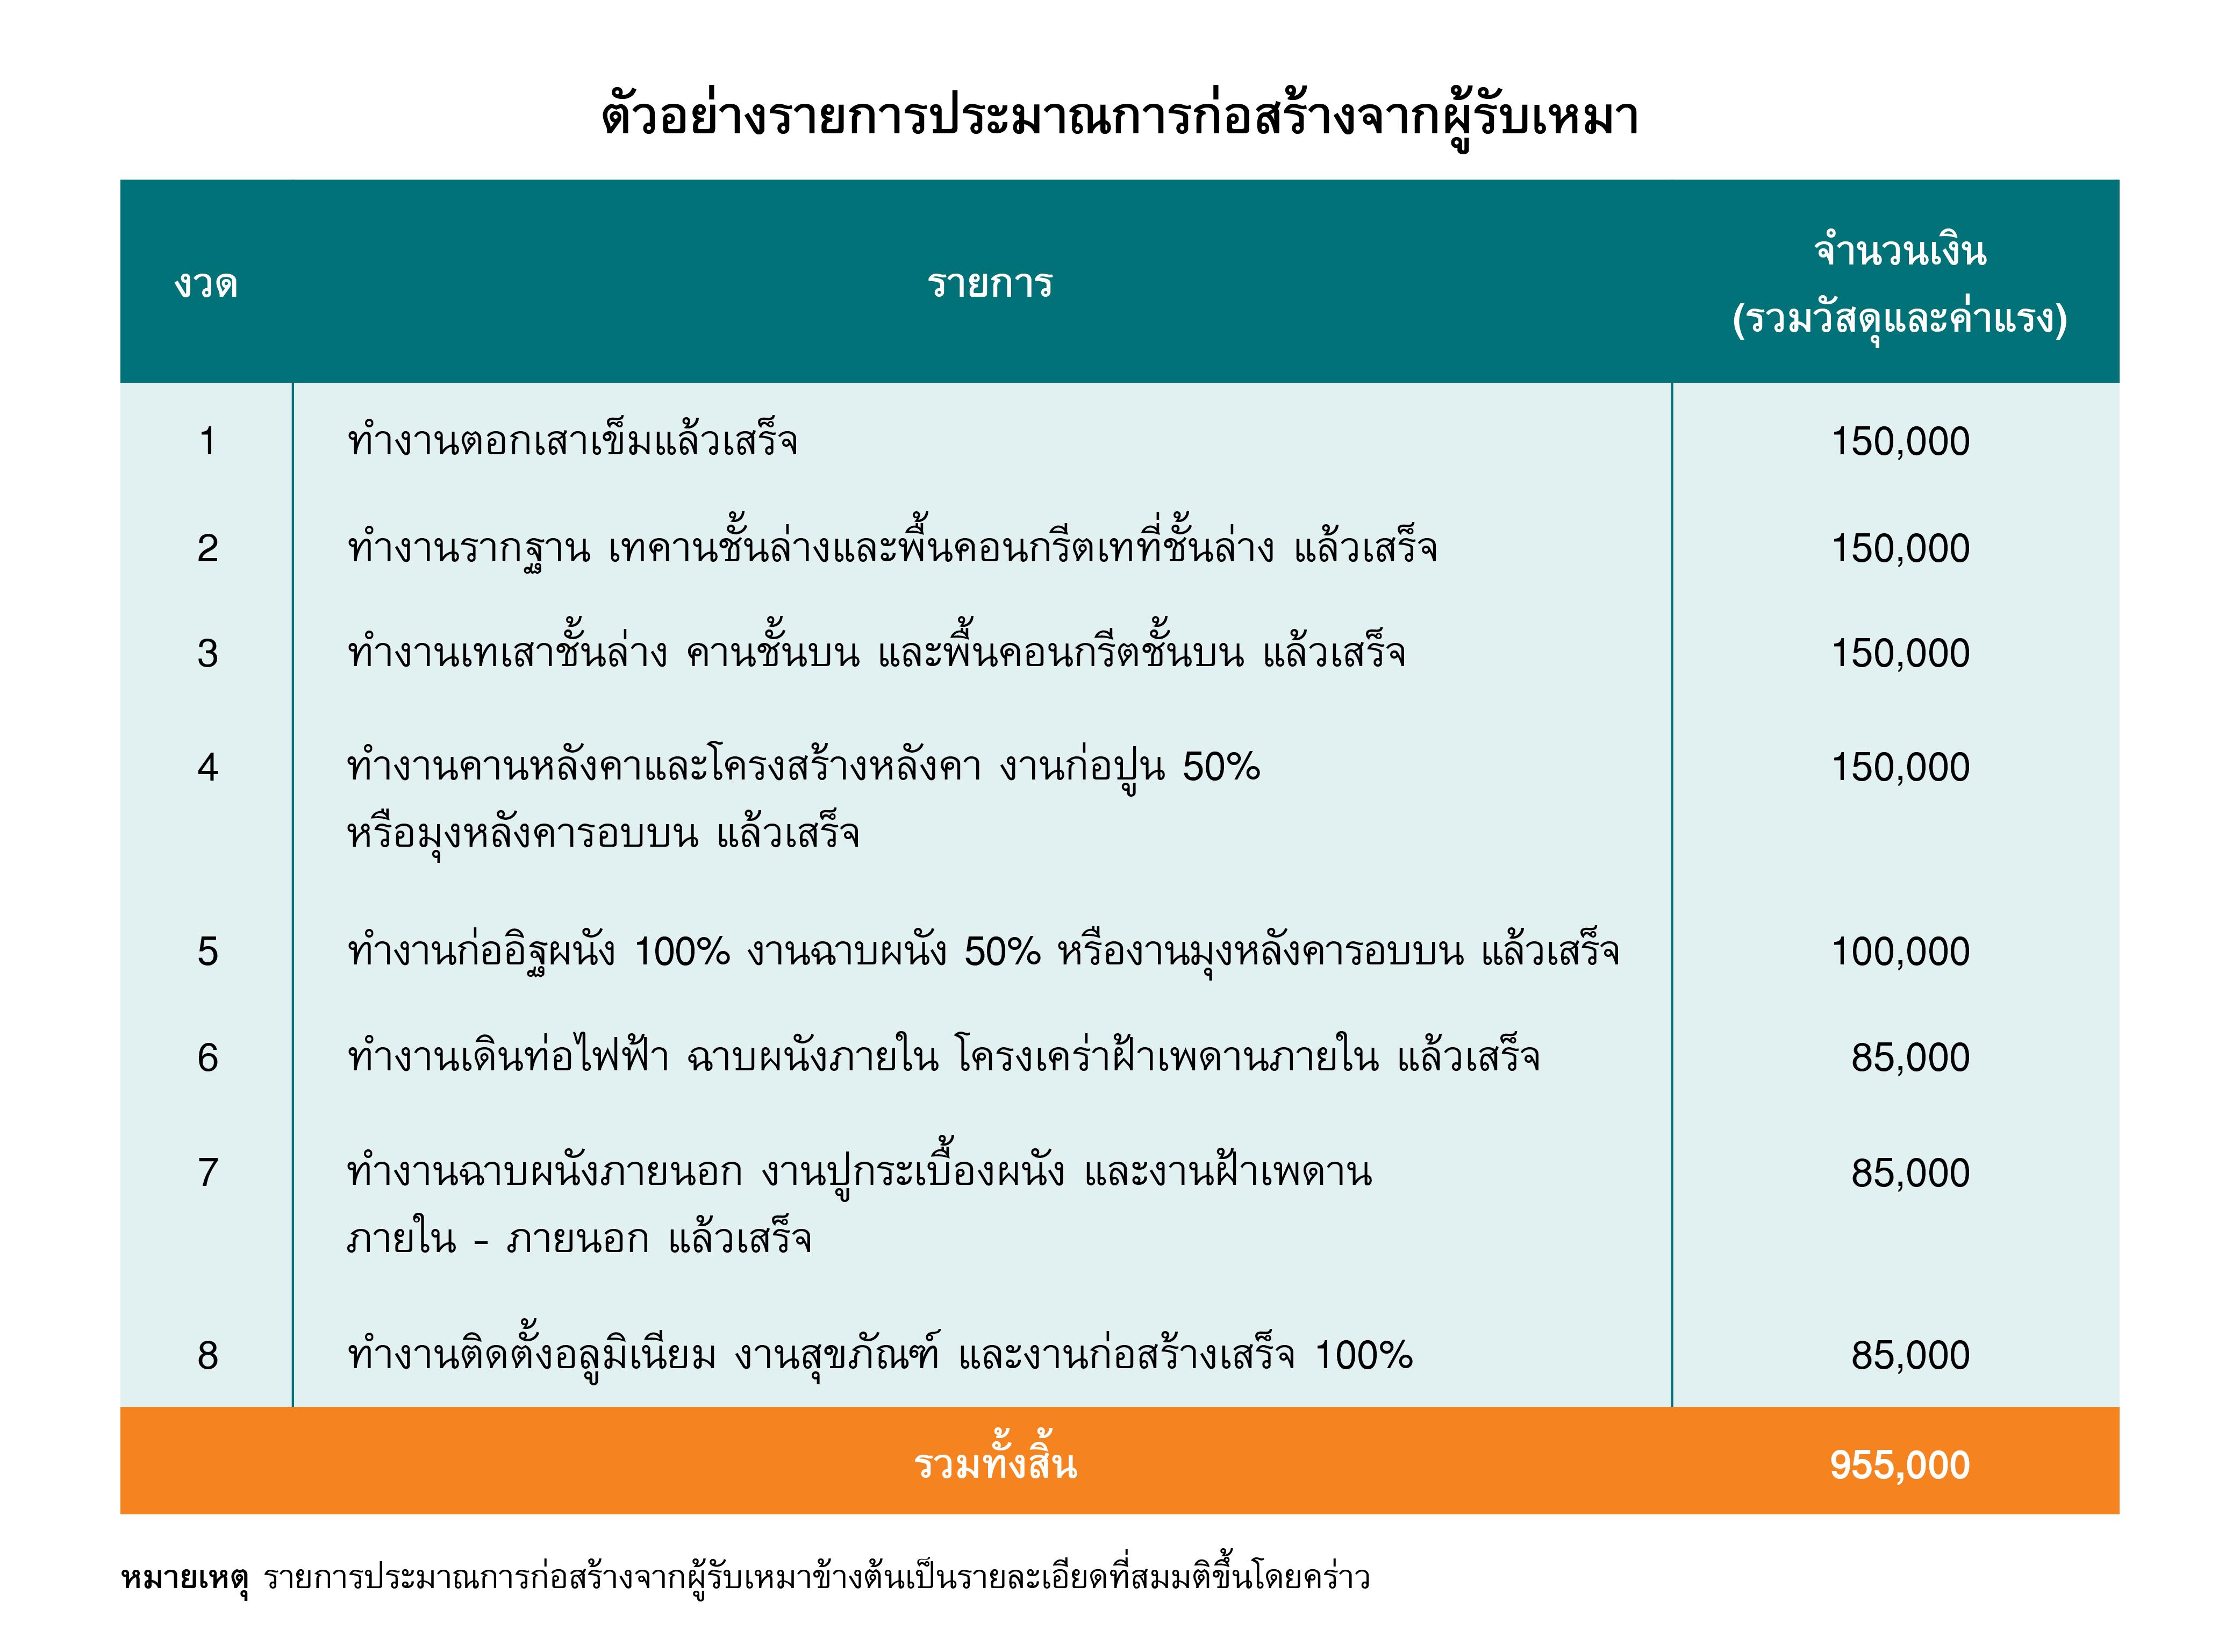 ตัวอย่างรายการประมาณการก่อสร้างจากผู้รับเหมา-01